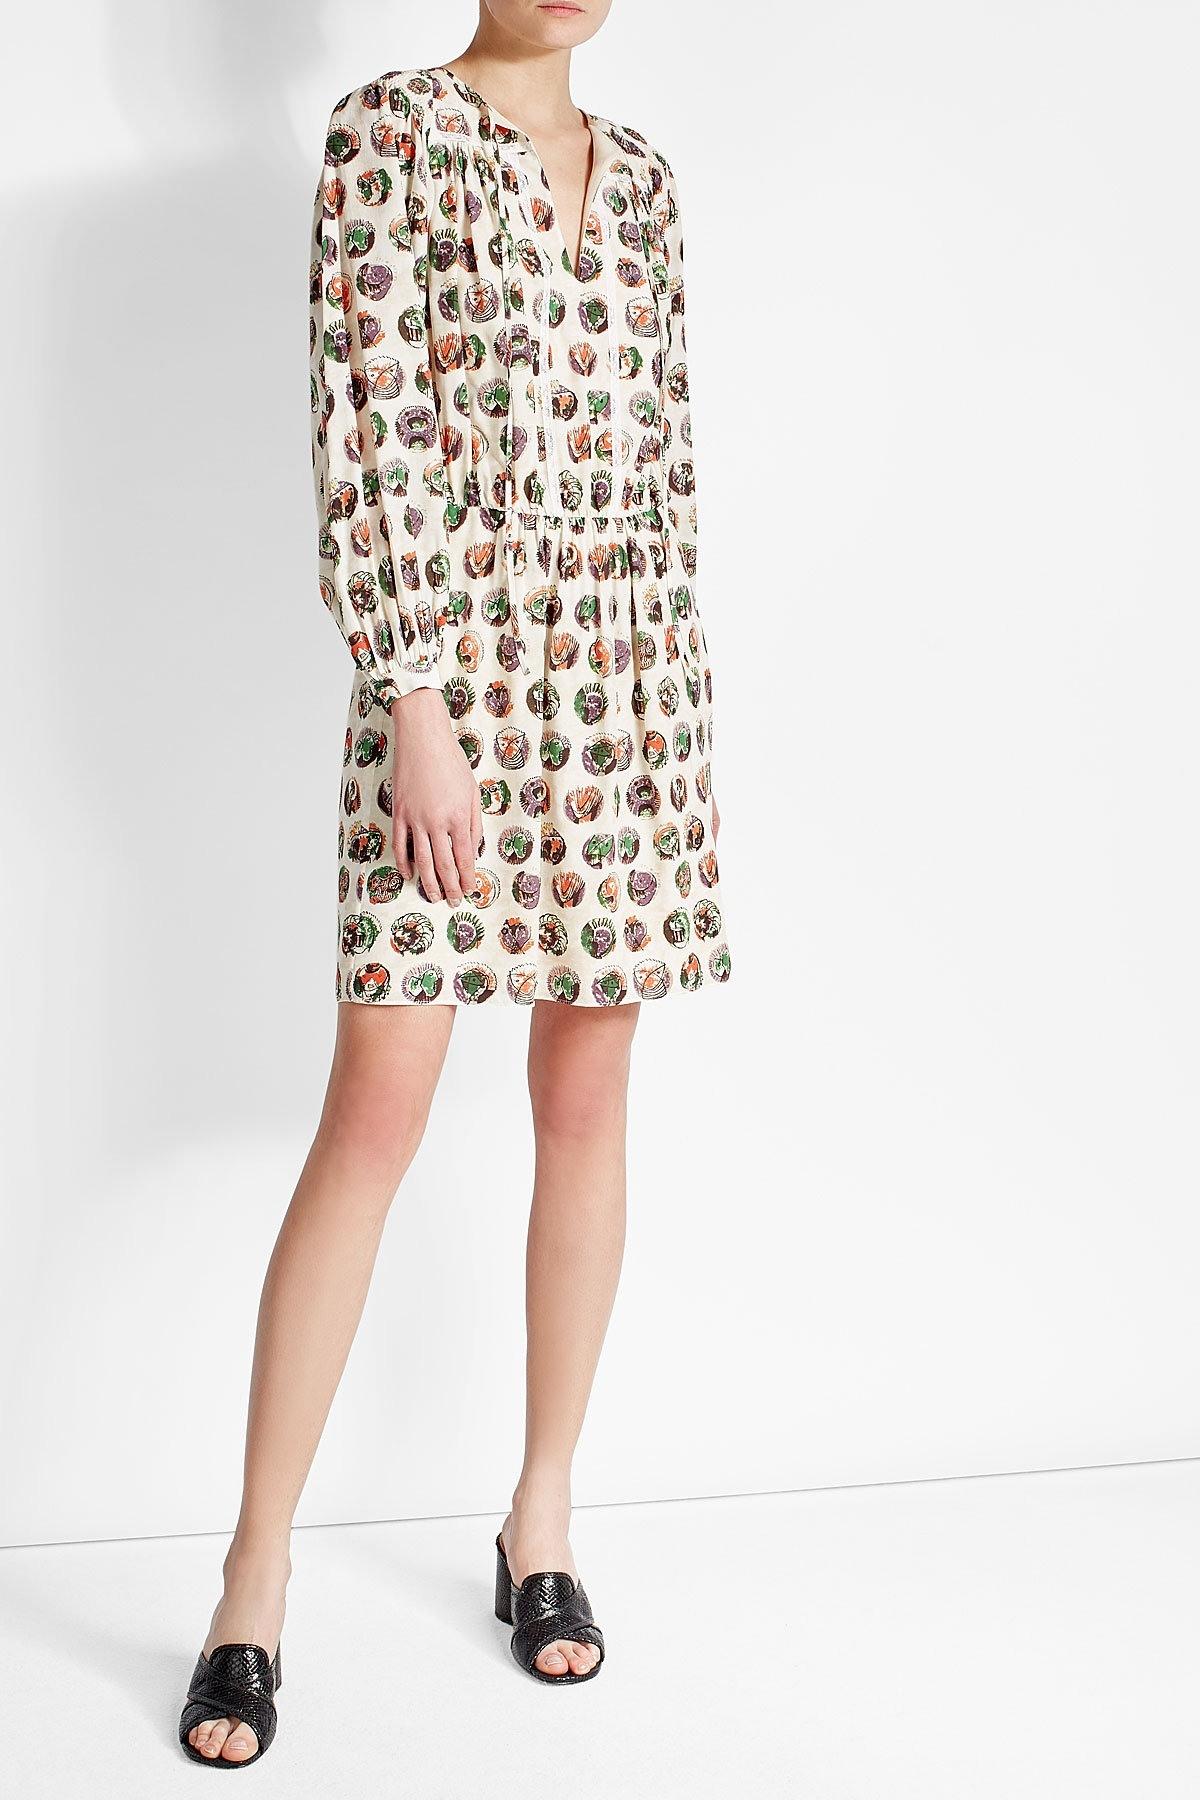 20 Genial Damen Kleider Online Stylish13 Schön Damen Kleider Online Bester Preis